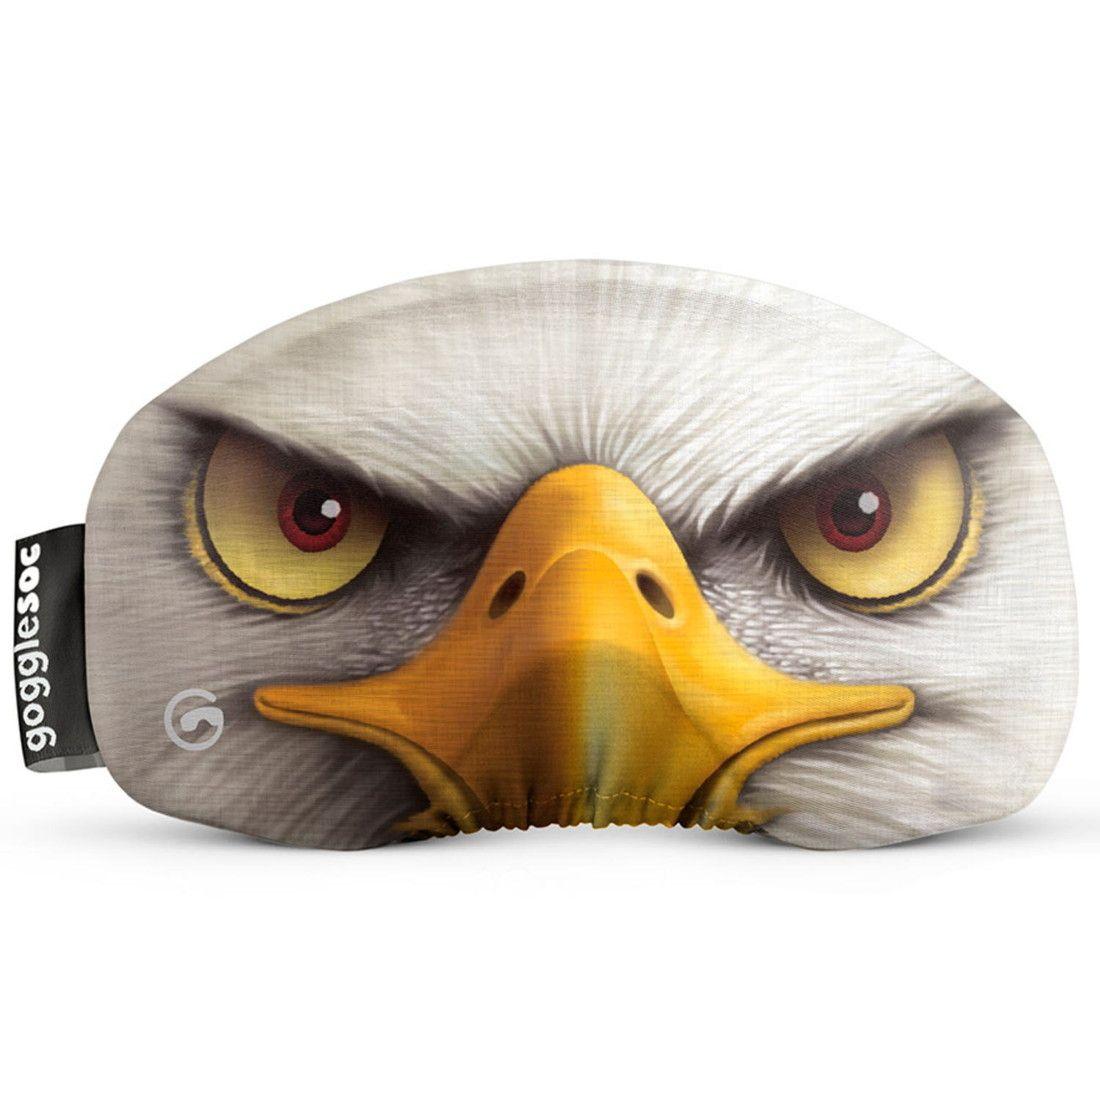 ゴーグルソック gogglesoc 2020モデル ゴーグルカバー  国内正規品